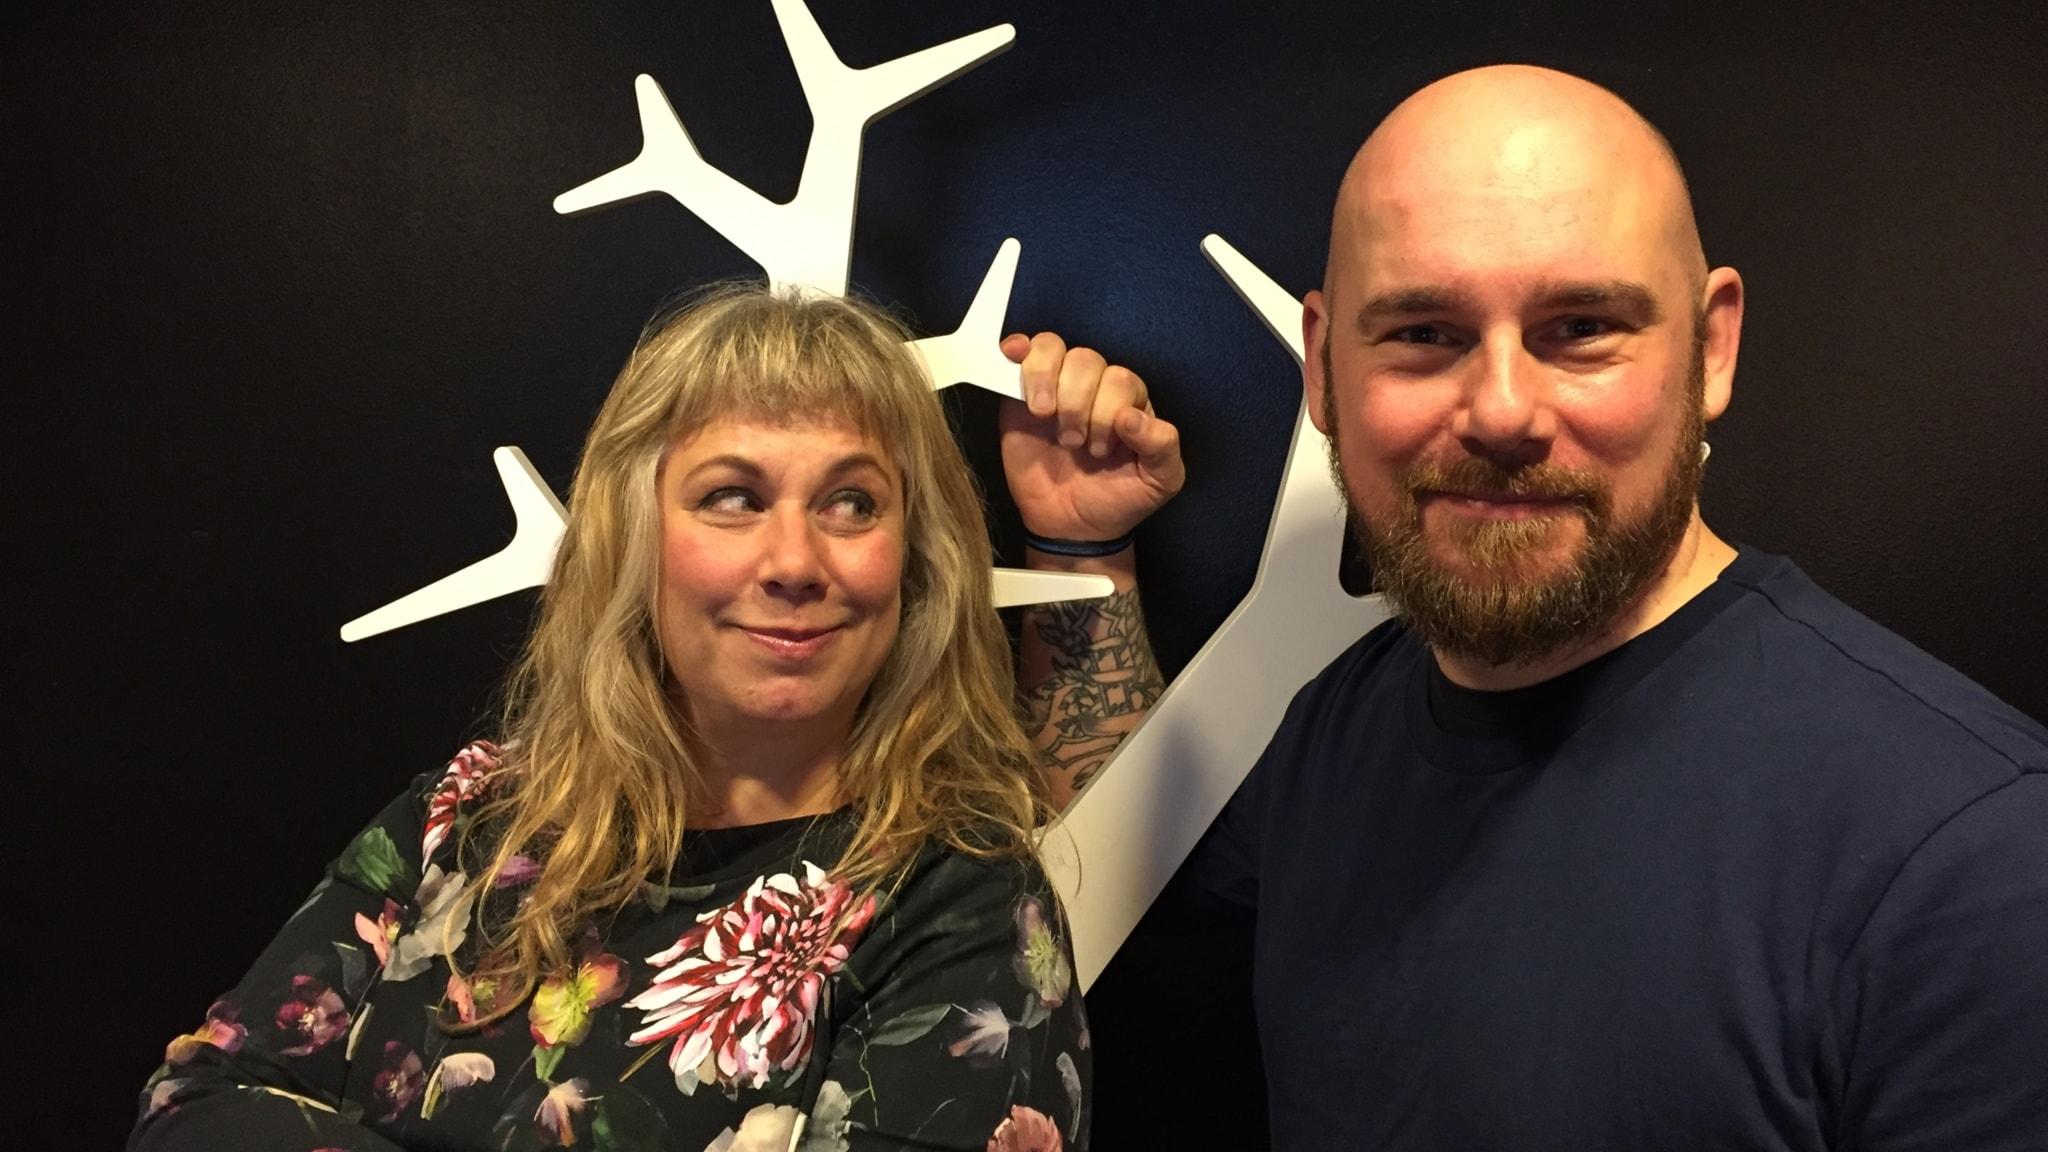 Stina Wollter med söndagens gäst Kristoffer Blekkerud. Foto: Johanna Fellenius / SR.